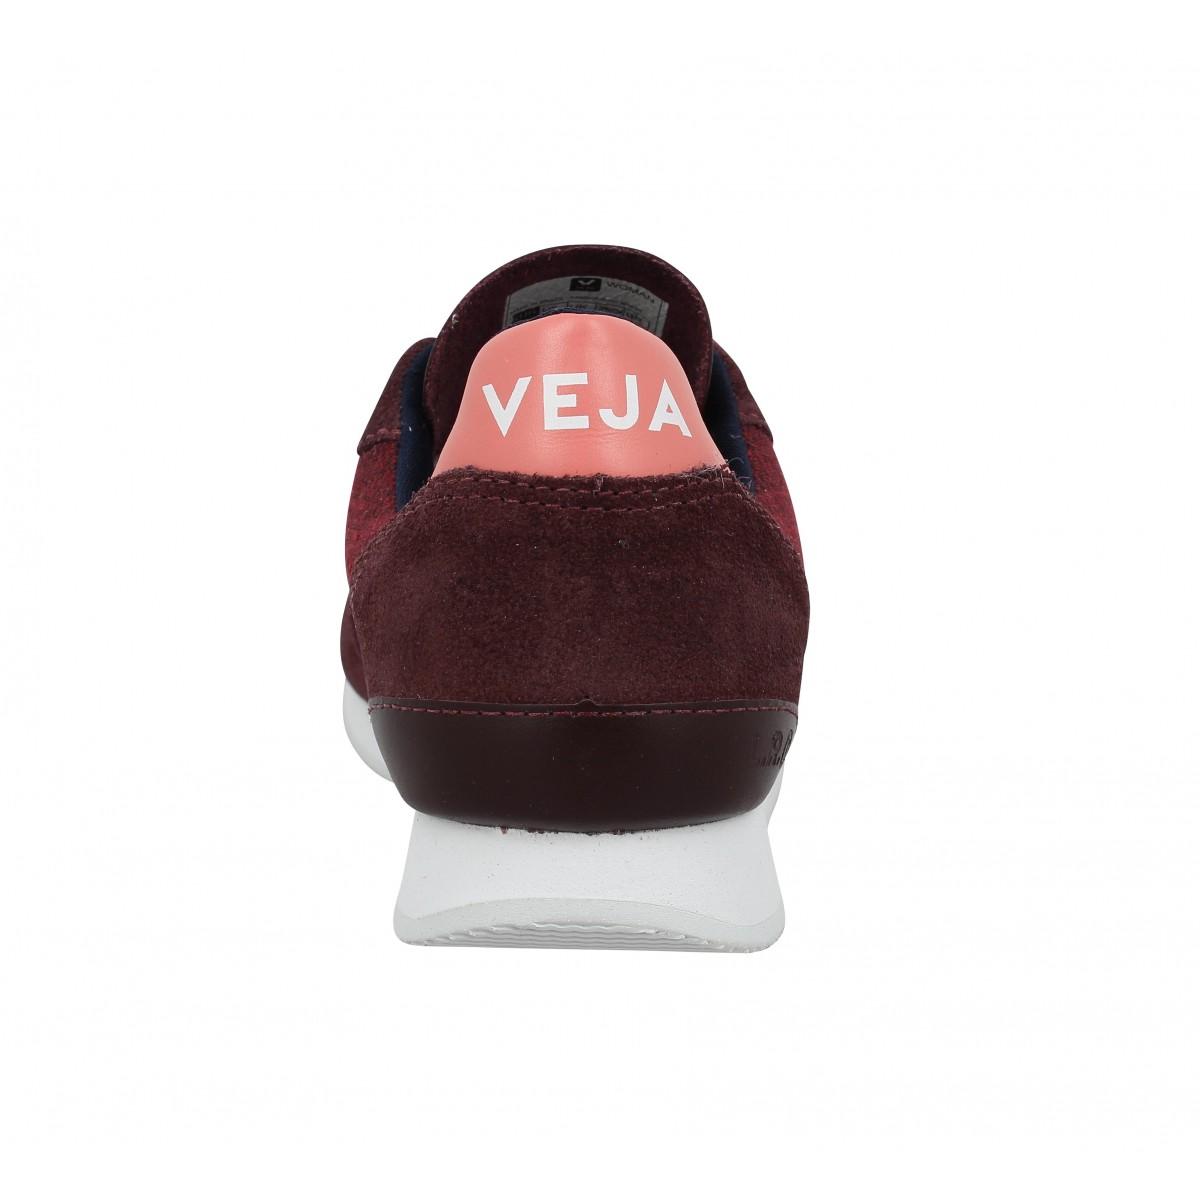 VEJA Holiday cuir textile Femme Bordeaux